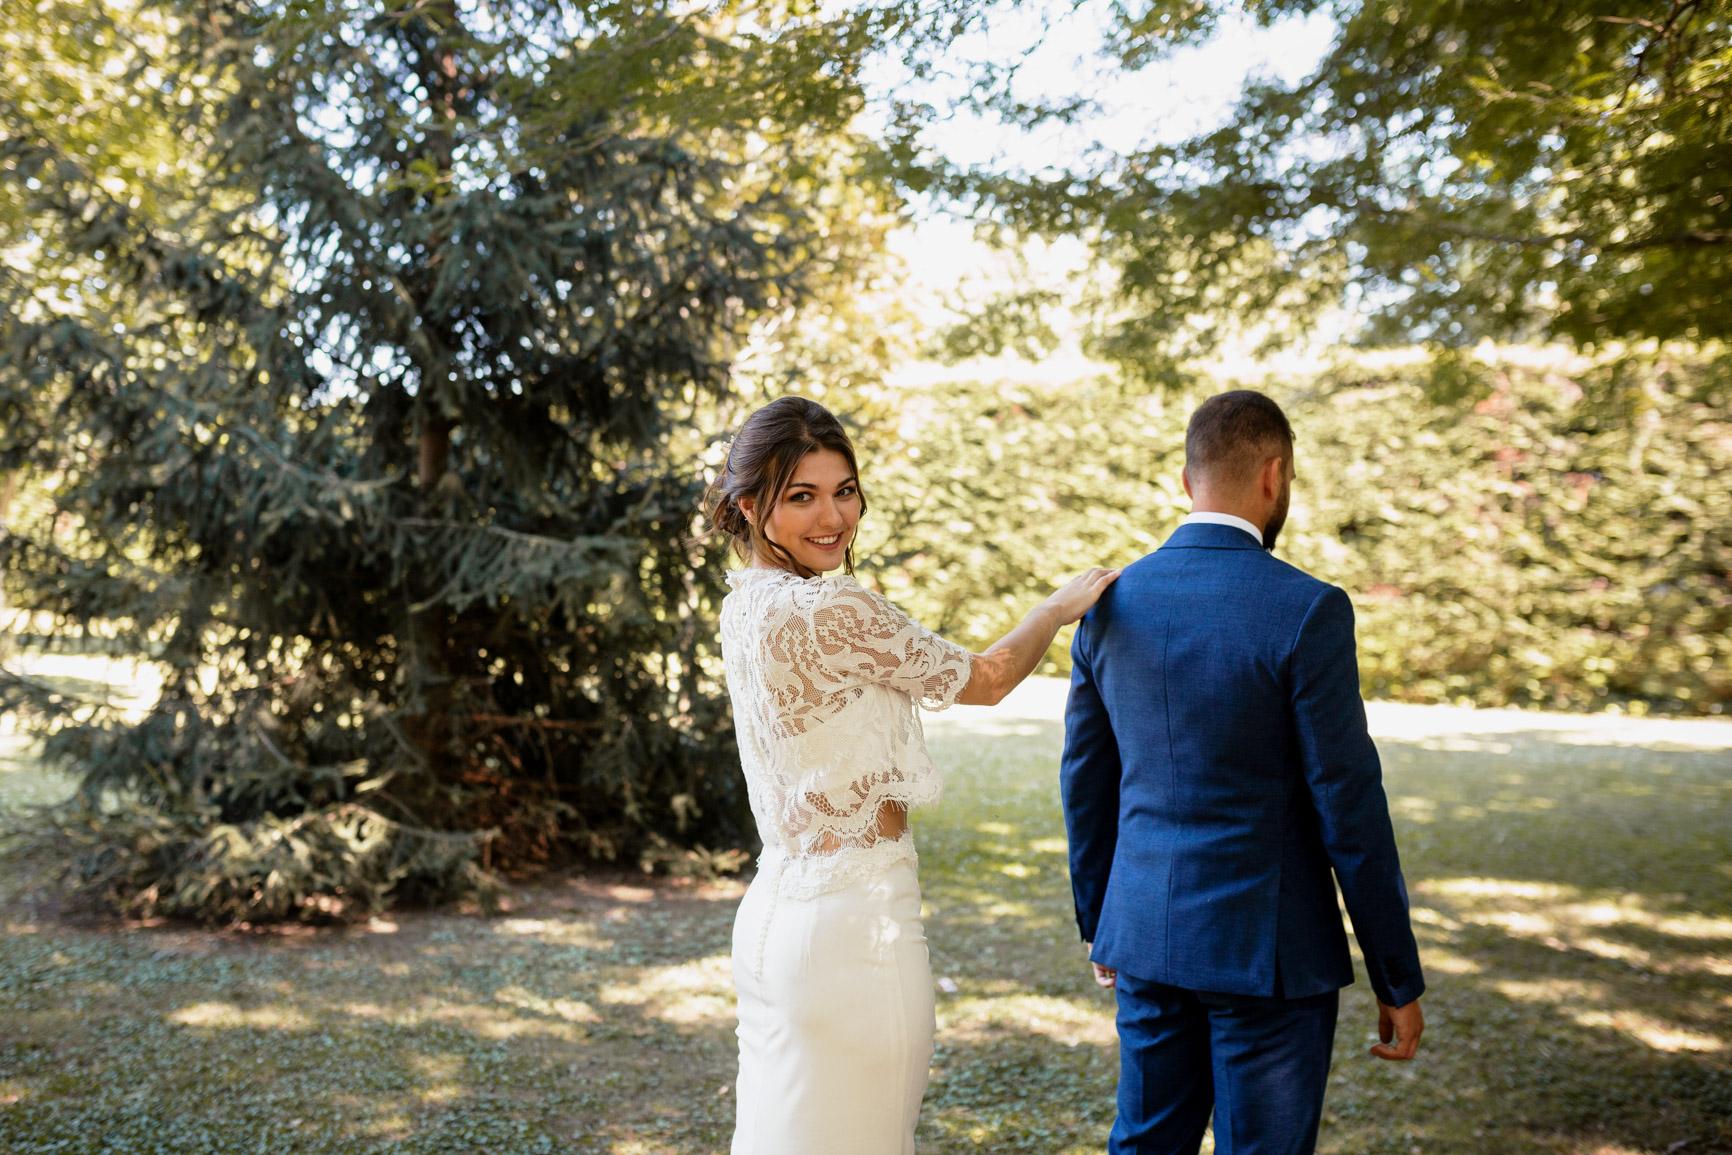 Découverte Mariage champêtre Salon de Provence | Justine Maquart Photographe